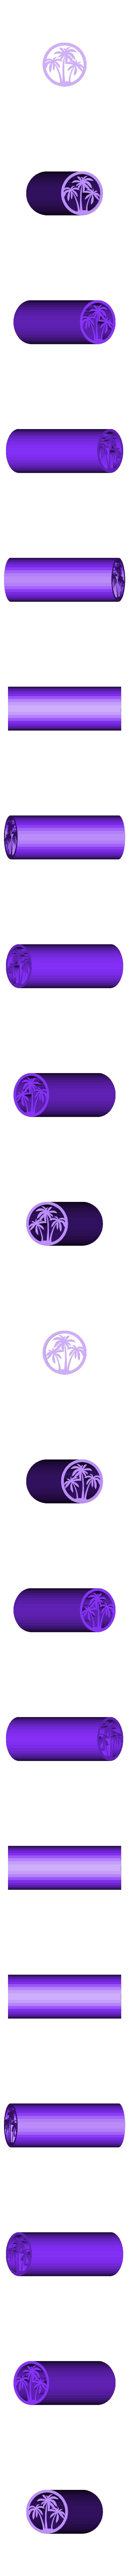 palmeras.STL Télécharger fichier STL 36 CONSEILS SUR LES FILTRES À MAUVAISES HERBES VOL.1+2+3+4 • Design pour impression 3D, SnakeCreations